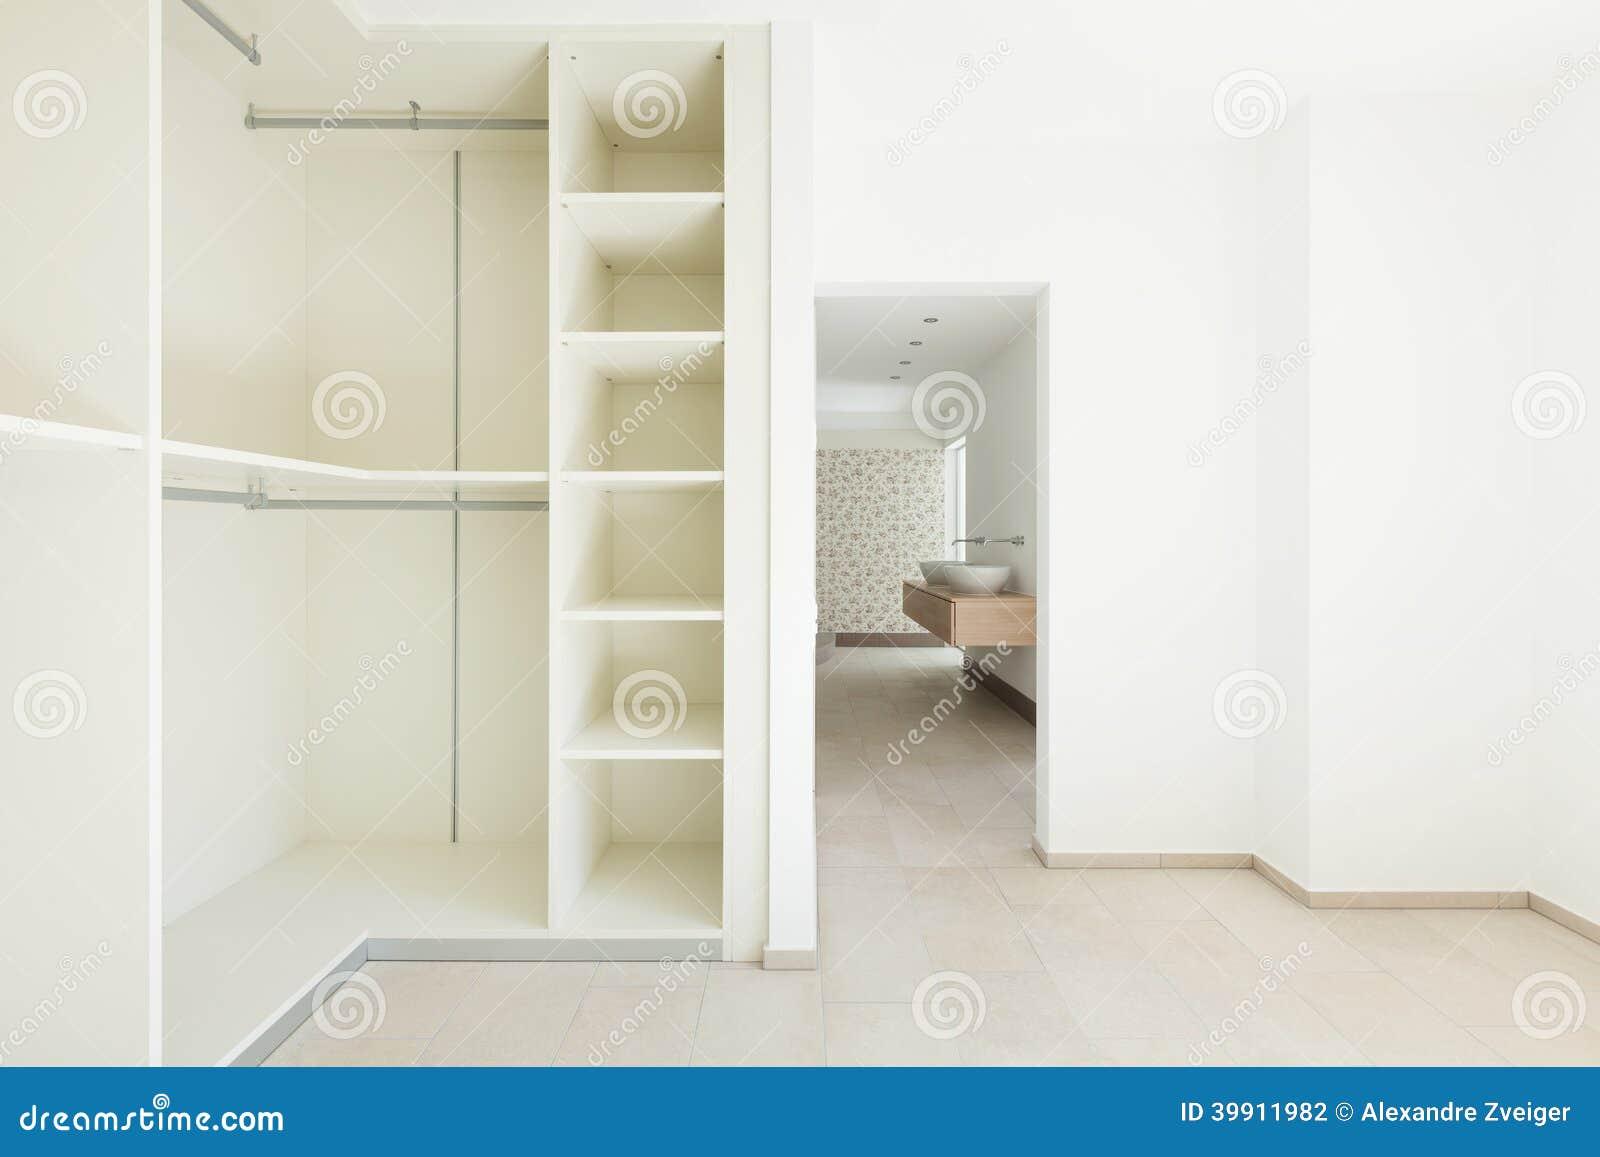 Huis grote kleedkamer stock foto afbeelding 39911982 - Grote kleedkamer ...